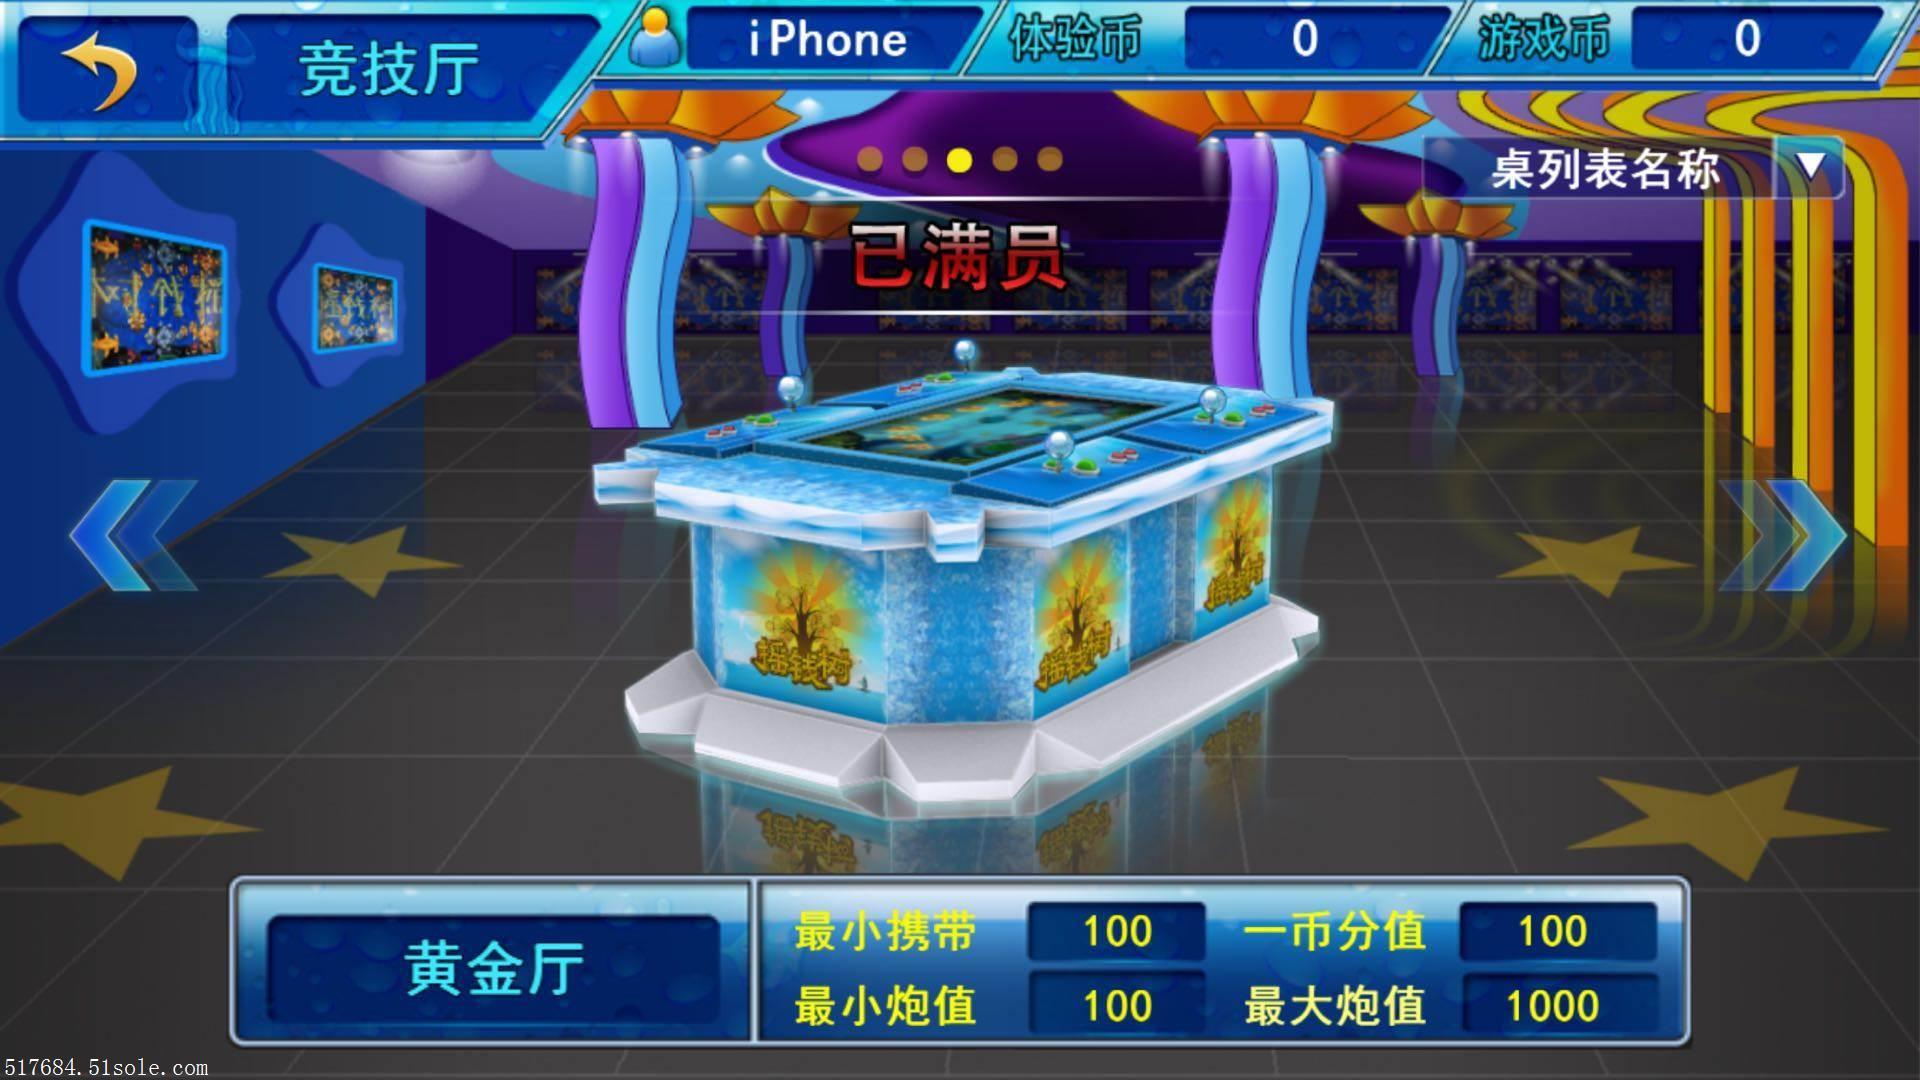 青海正版手机捕鱼游戏收费